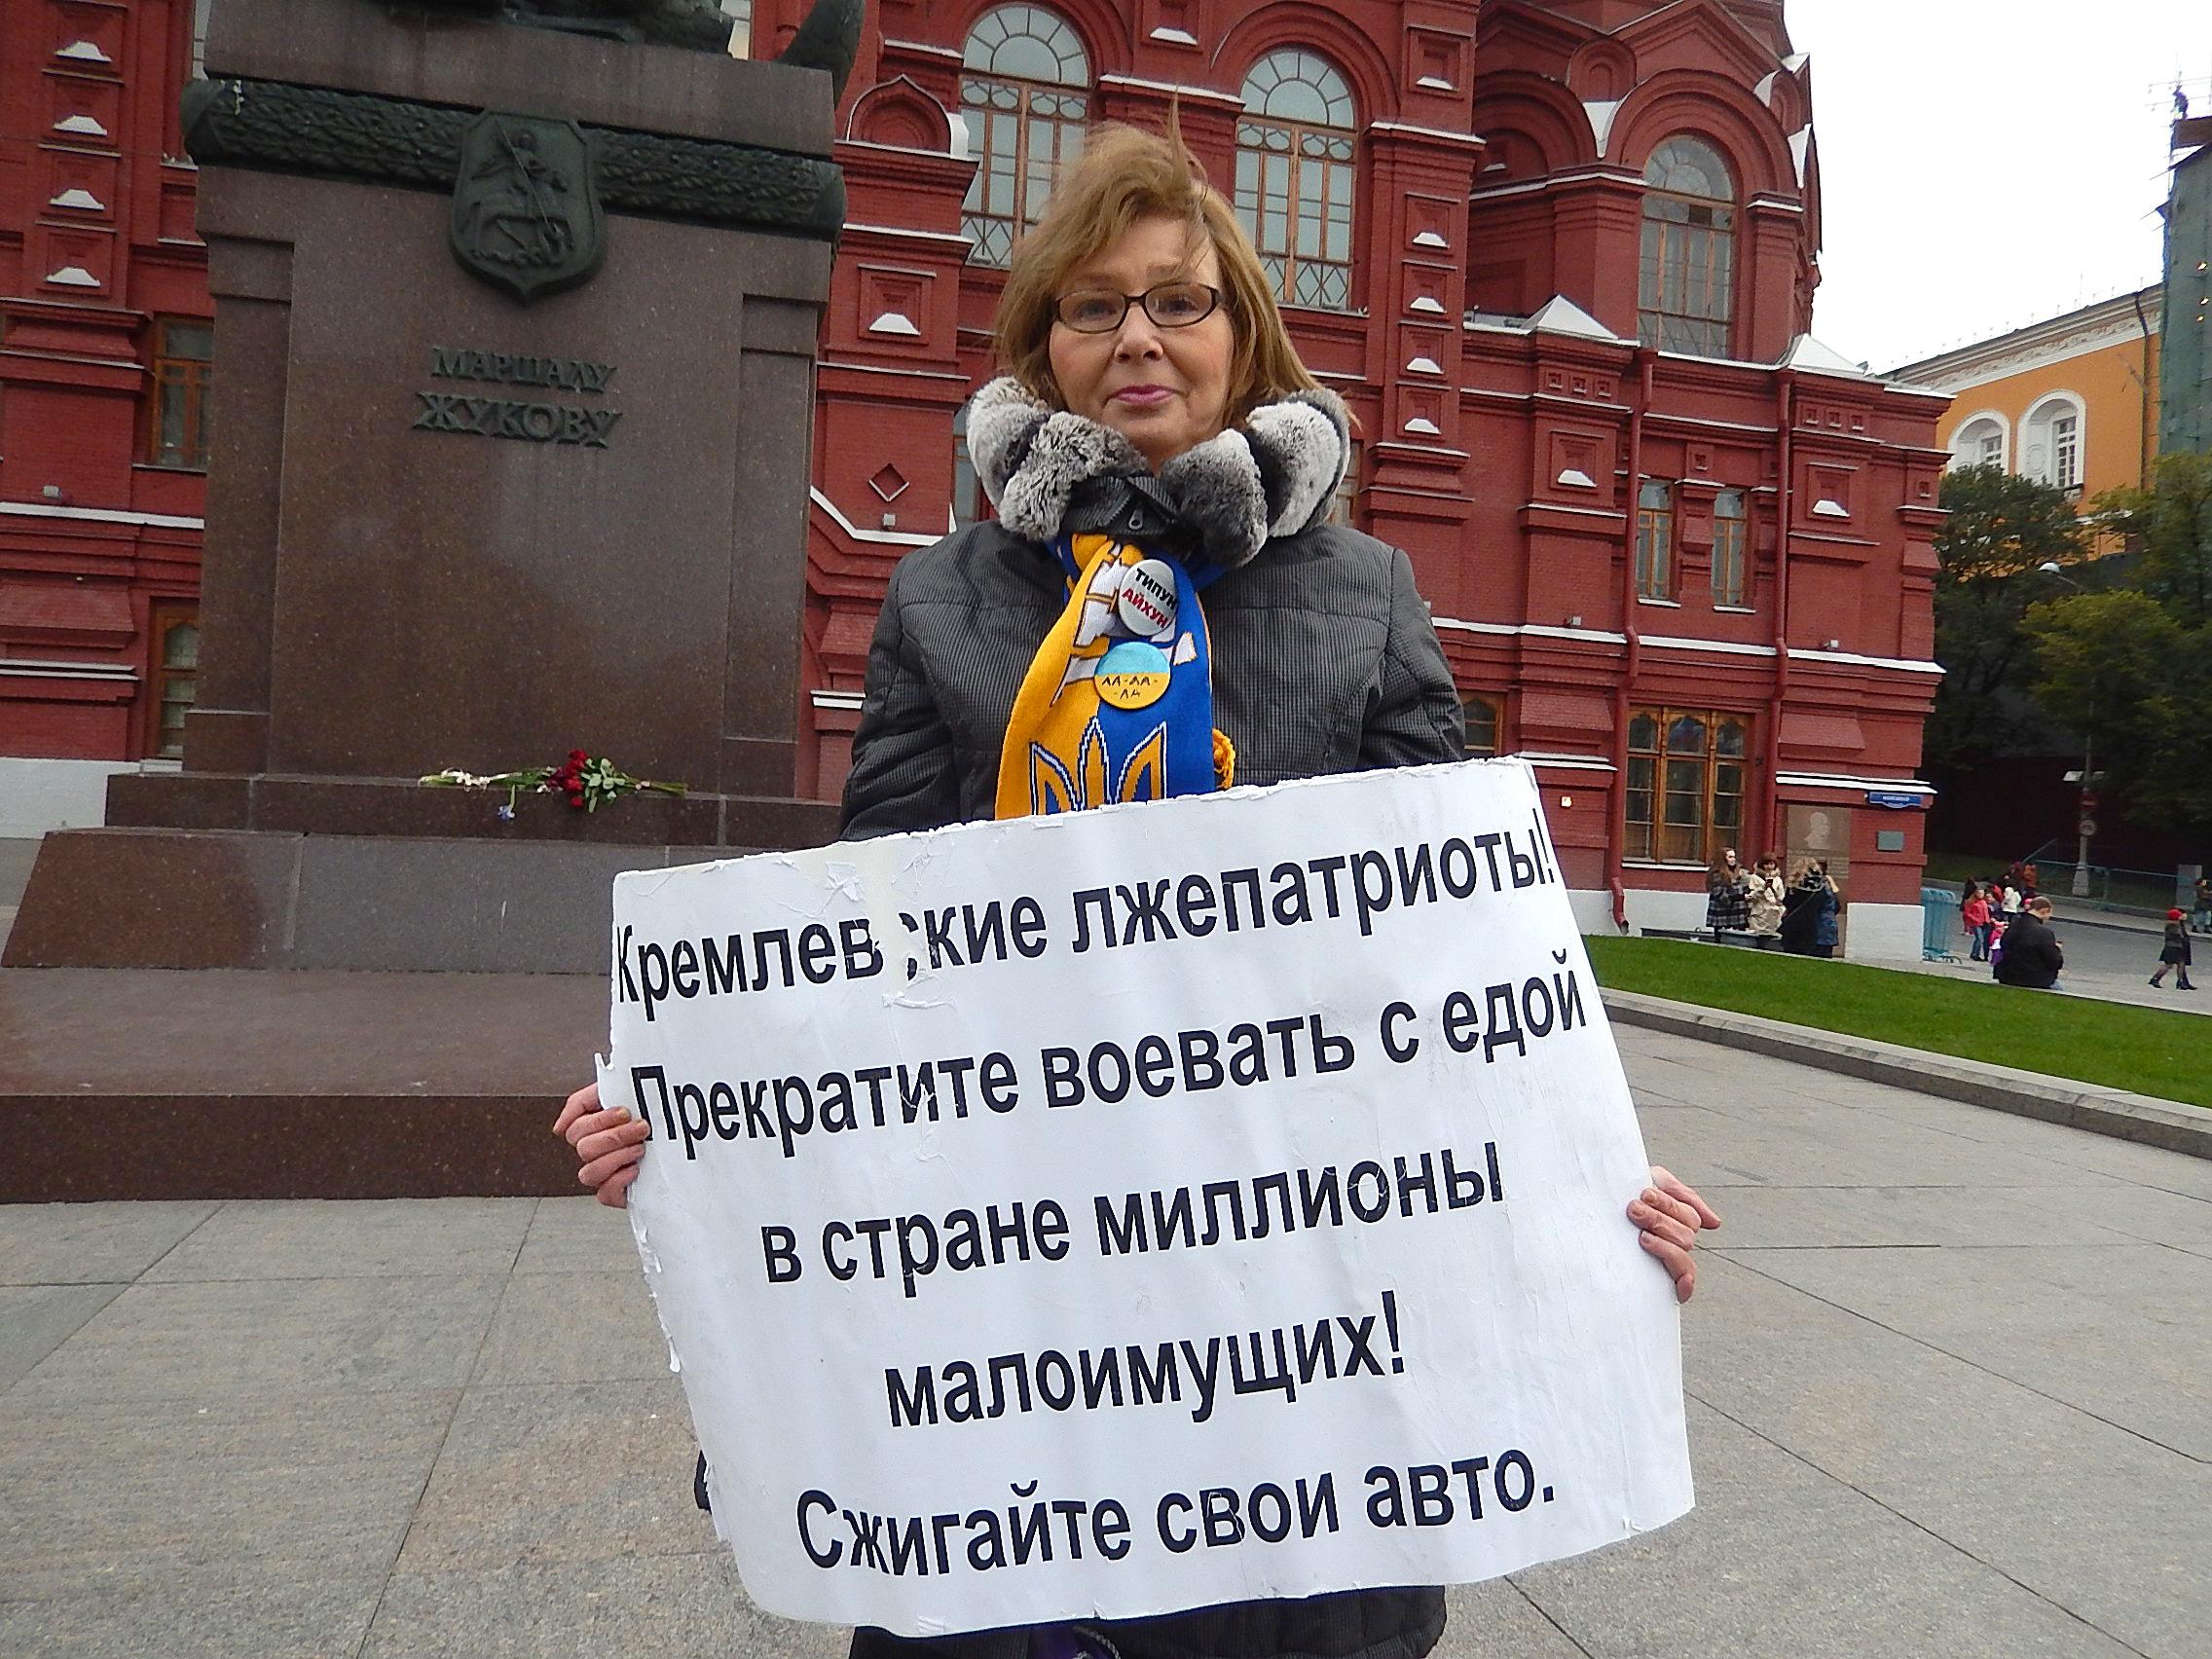 Ирина Калмыкова на Манежной площади у памятника Жукову